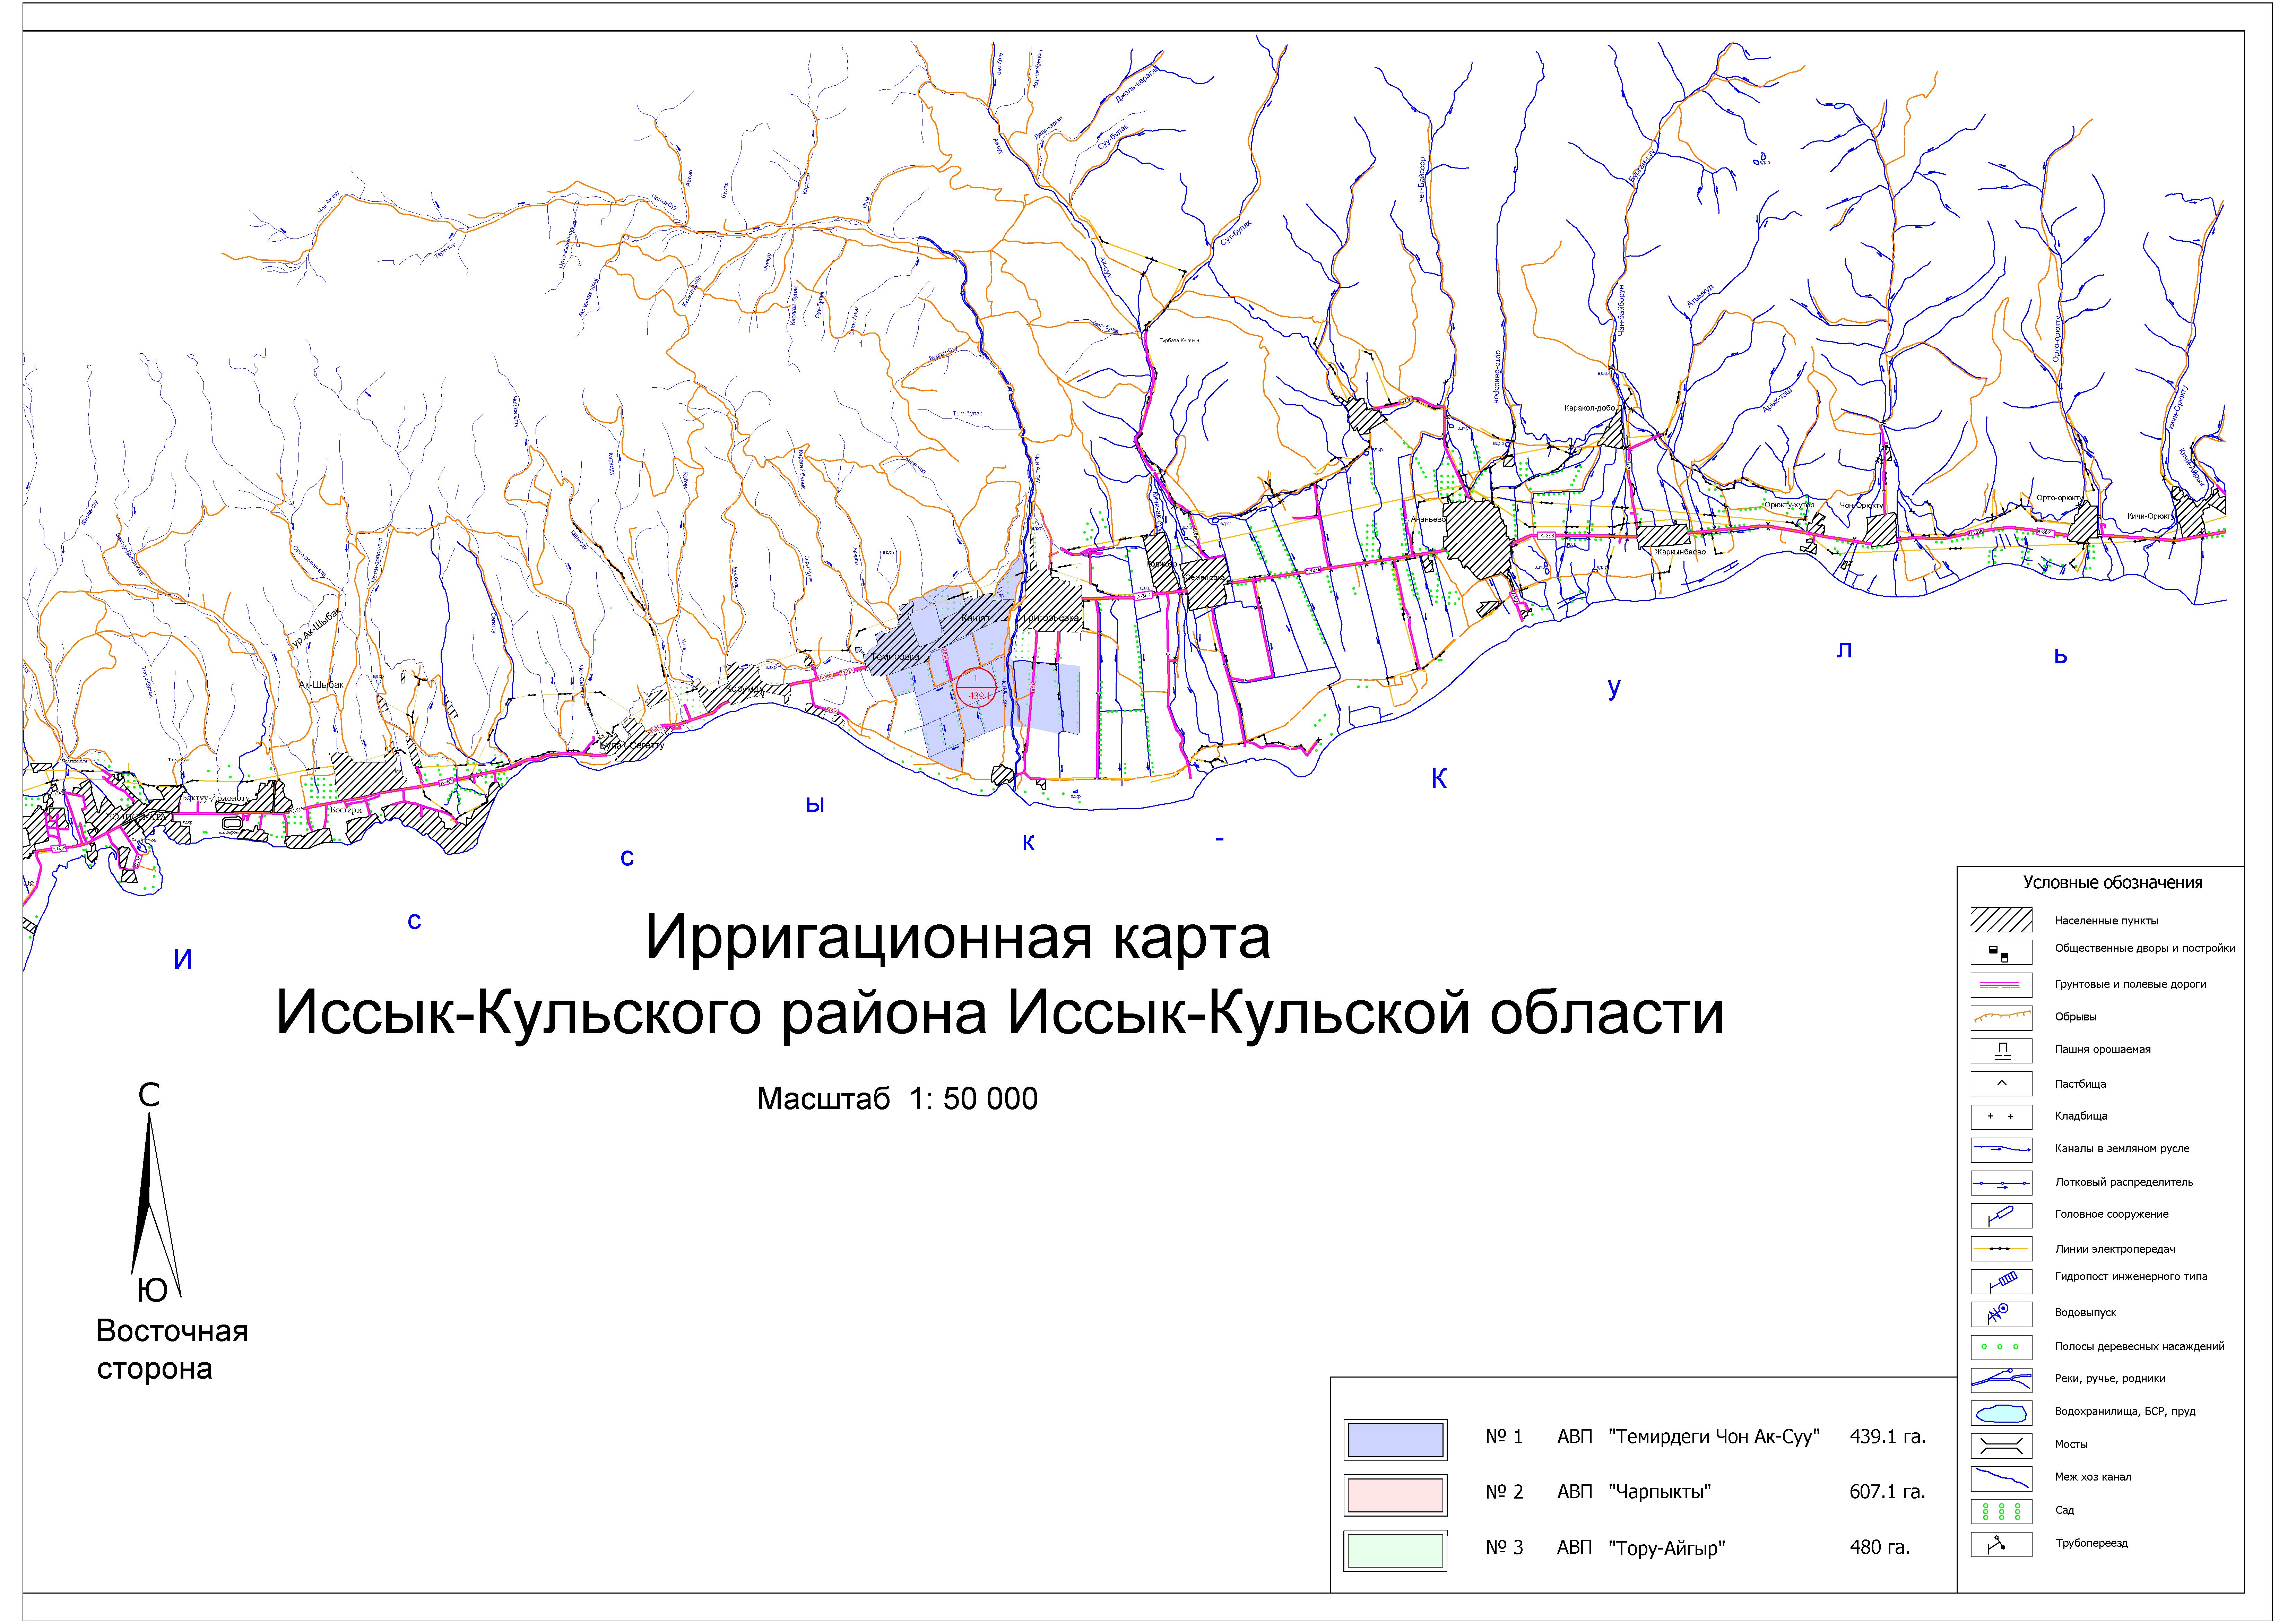 Иссык-Кульский район-Восточная сторона